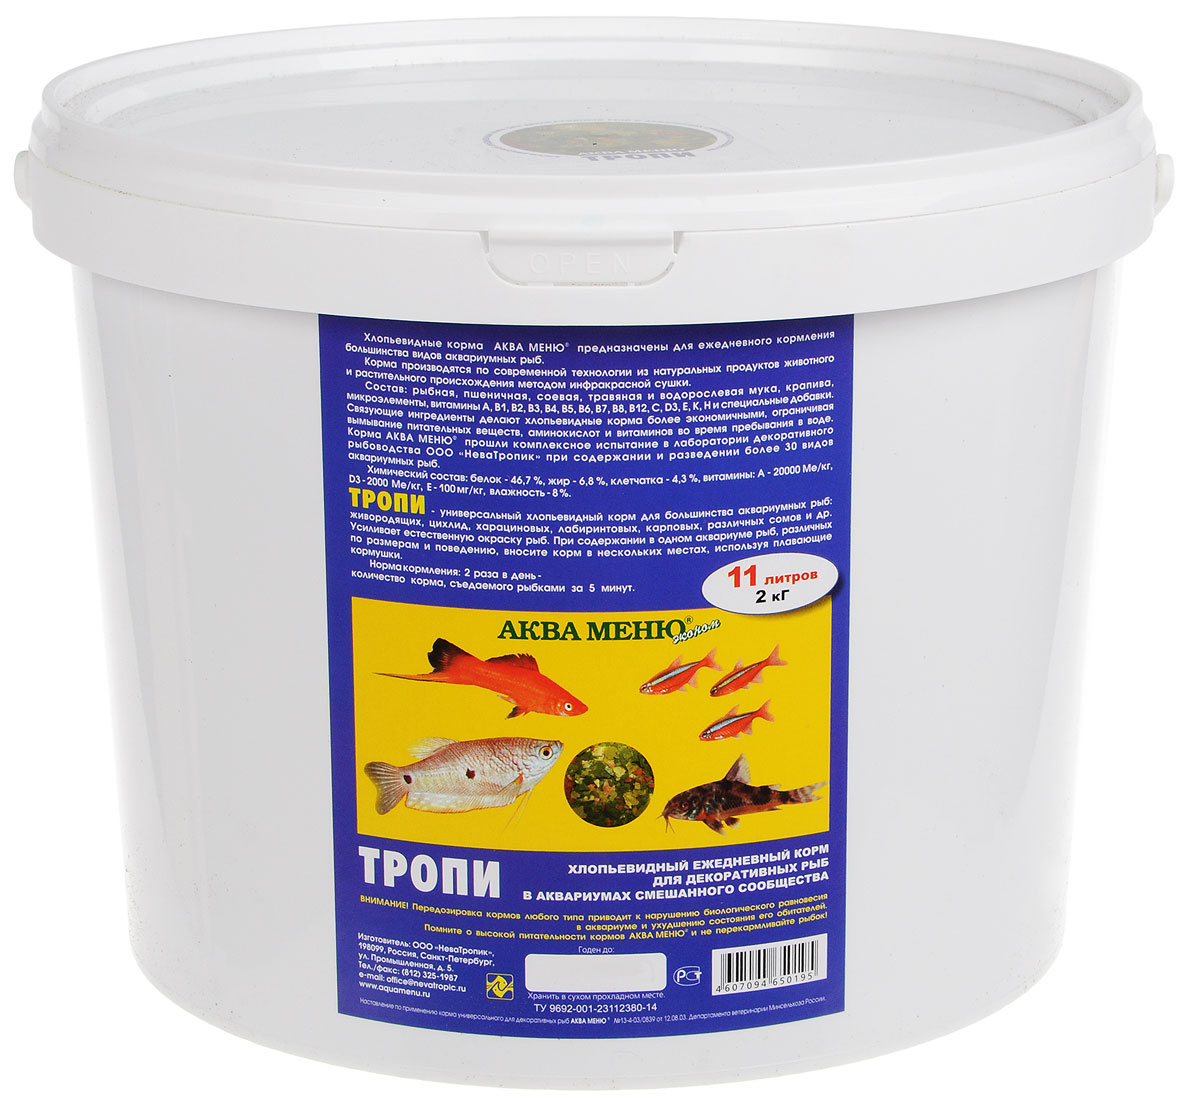 Корм Аква Меню Тропи, для декоративных рыб, 11 л (2 кг) корм аква меню униклик 50 для рыб с артемией 6 5 г